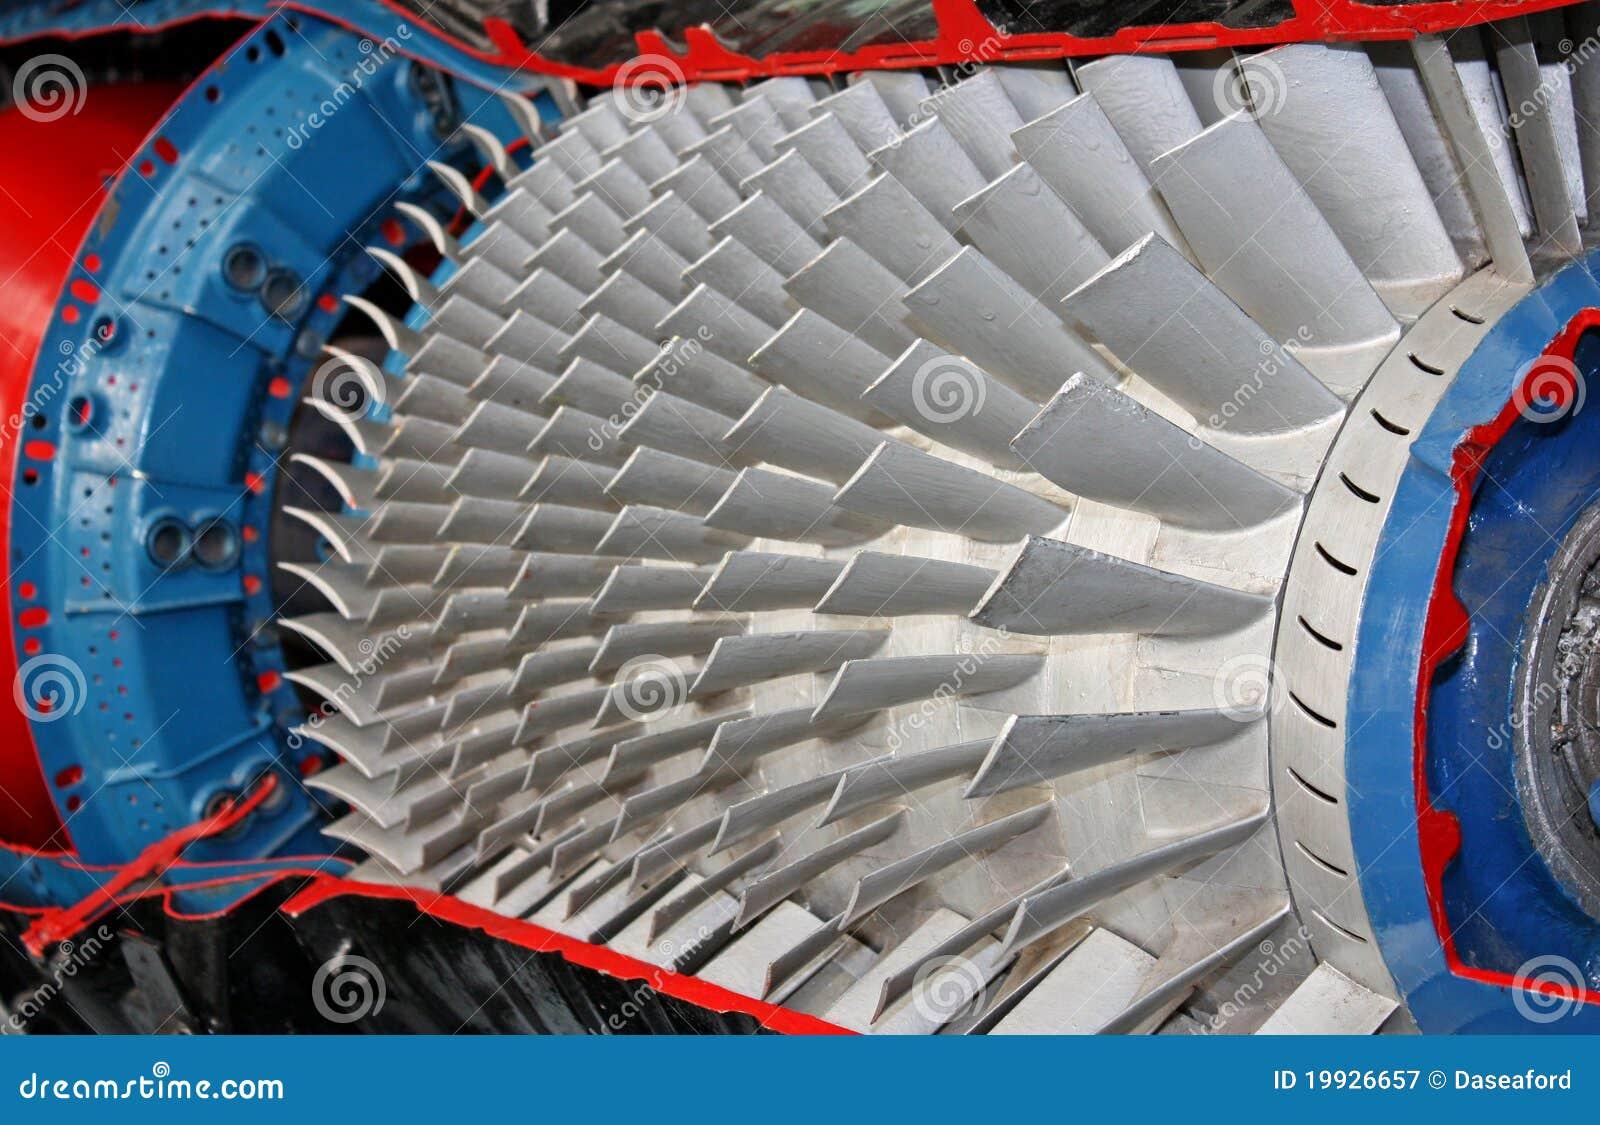 De Bladen van de turbine.